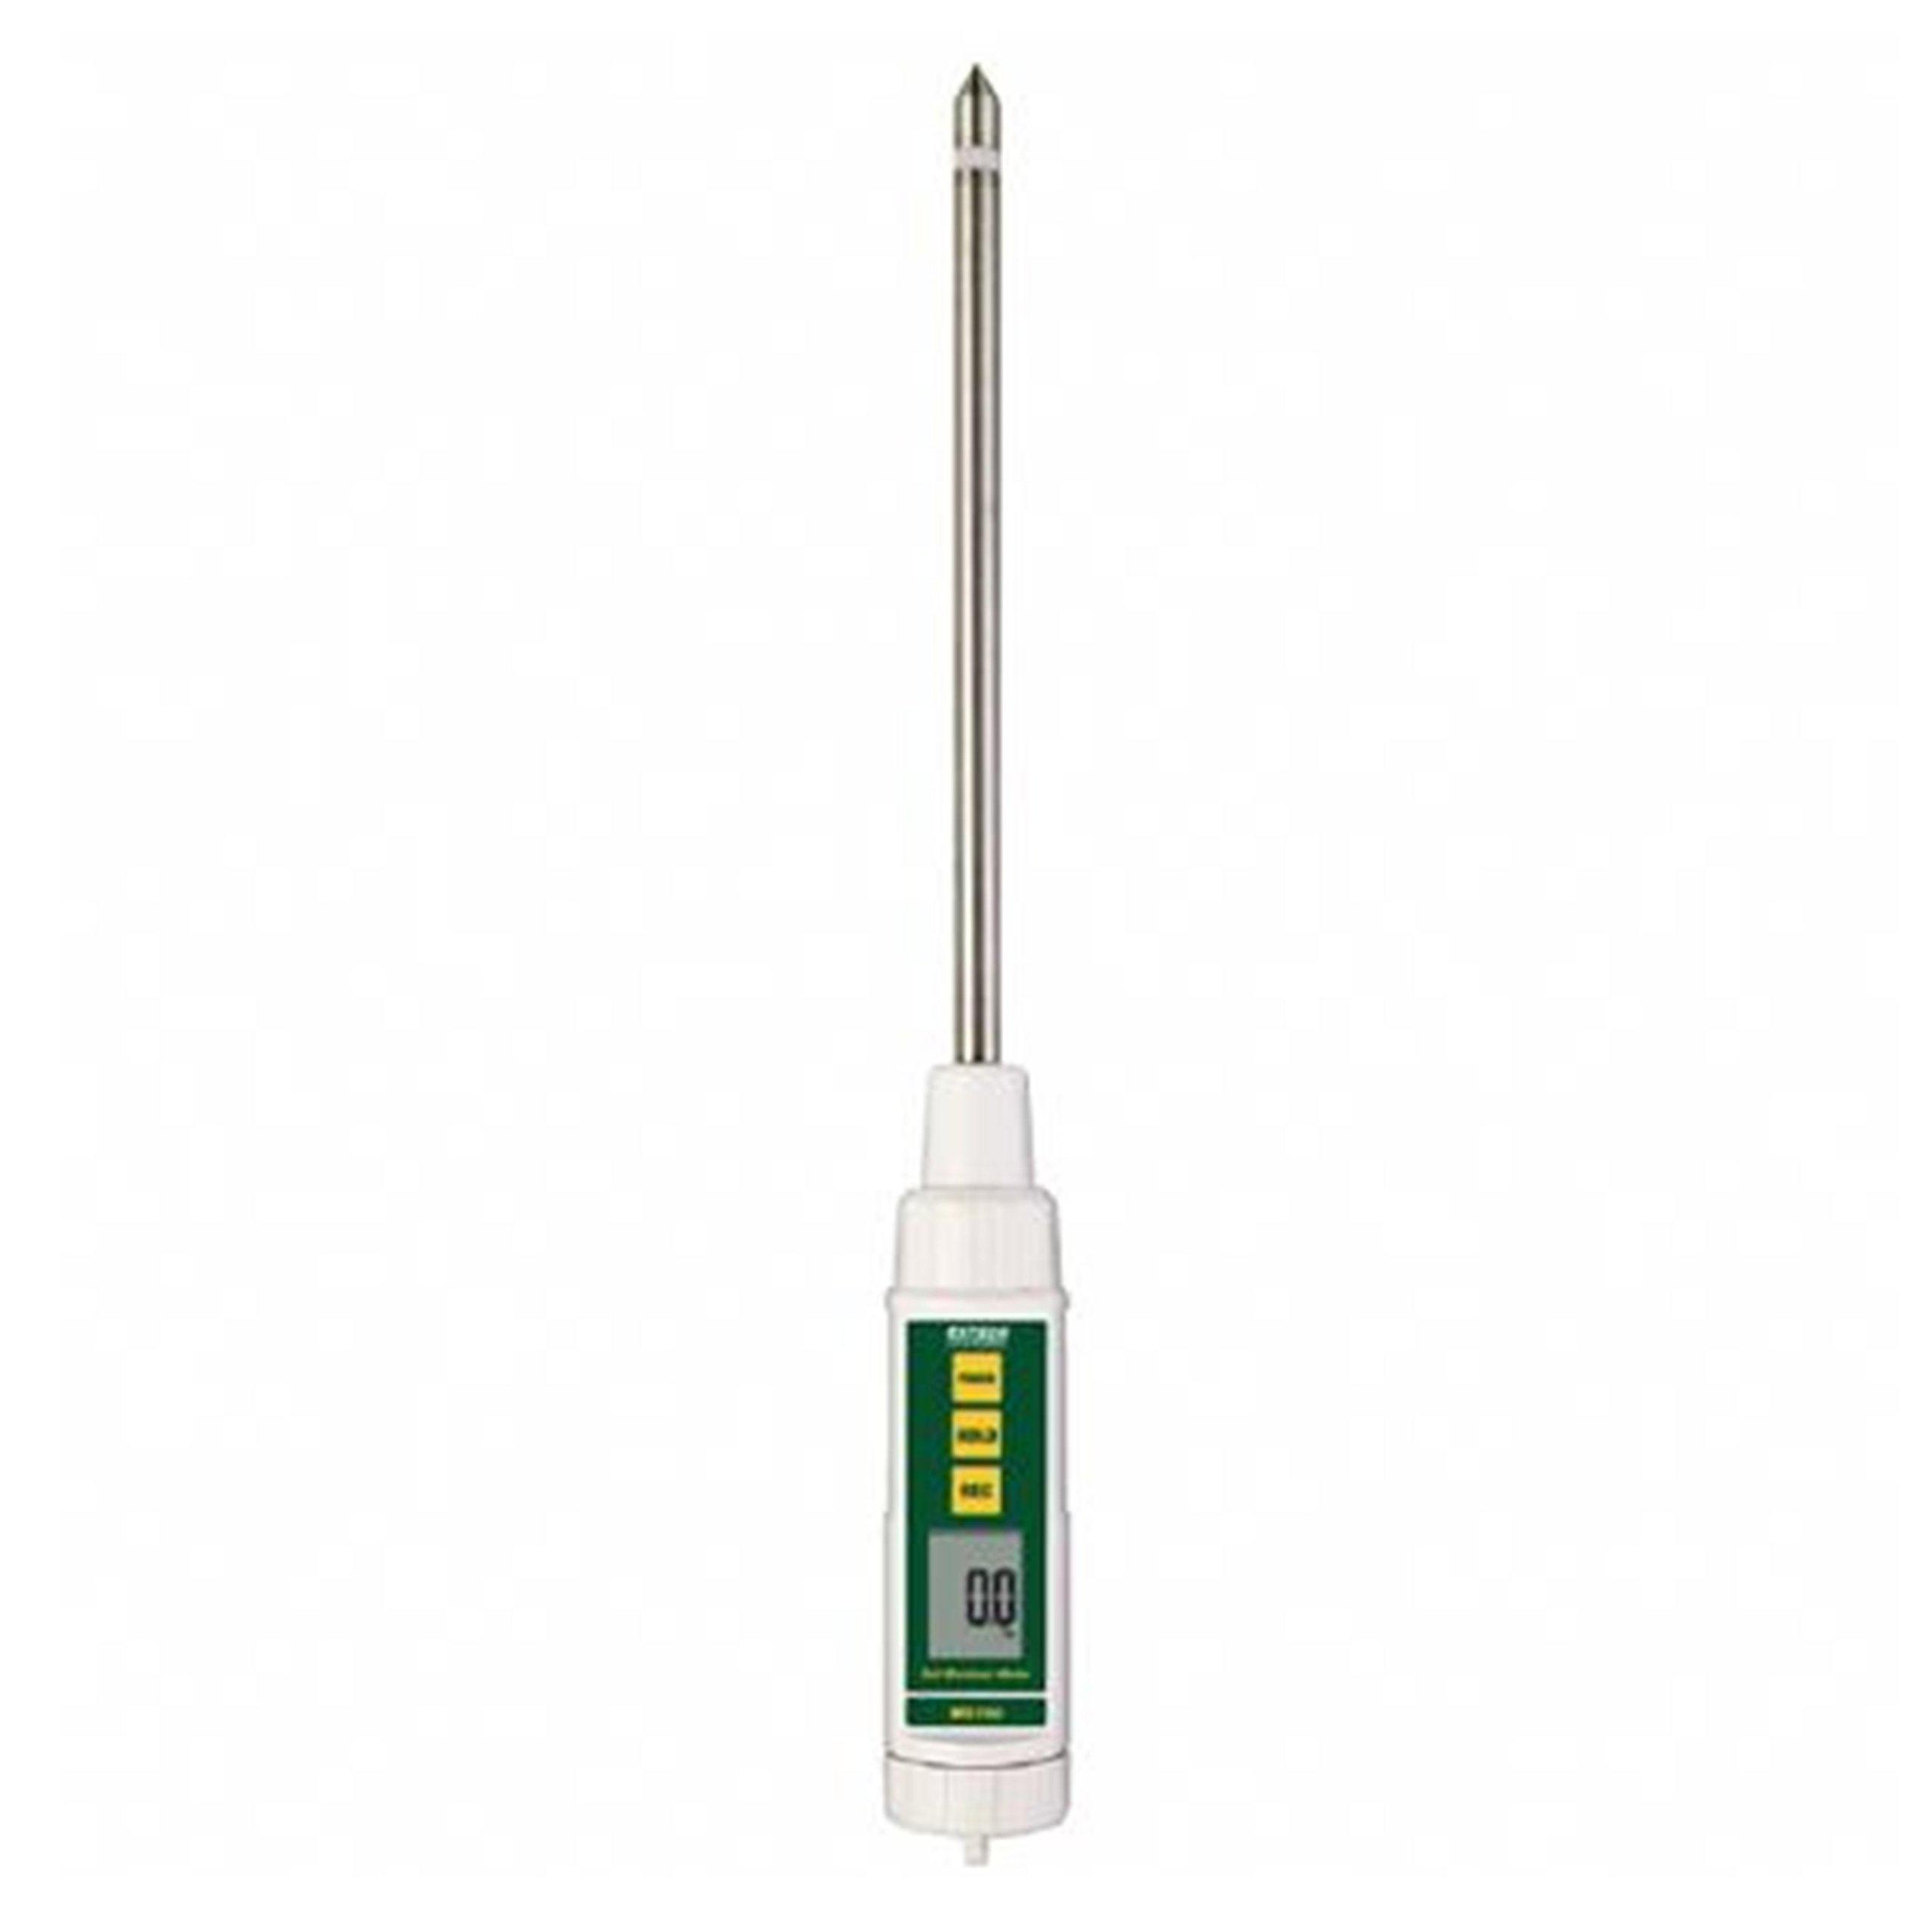 Medidor de humedad del suelo Extech MO750